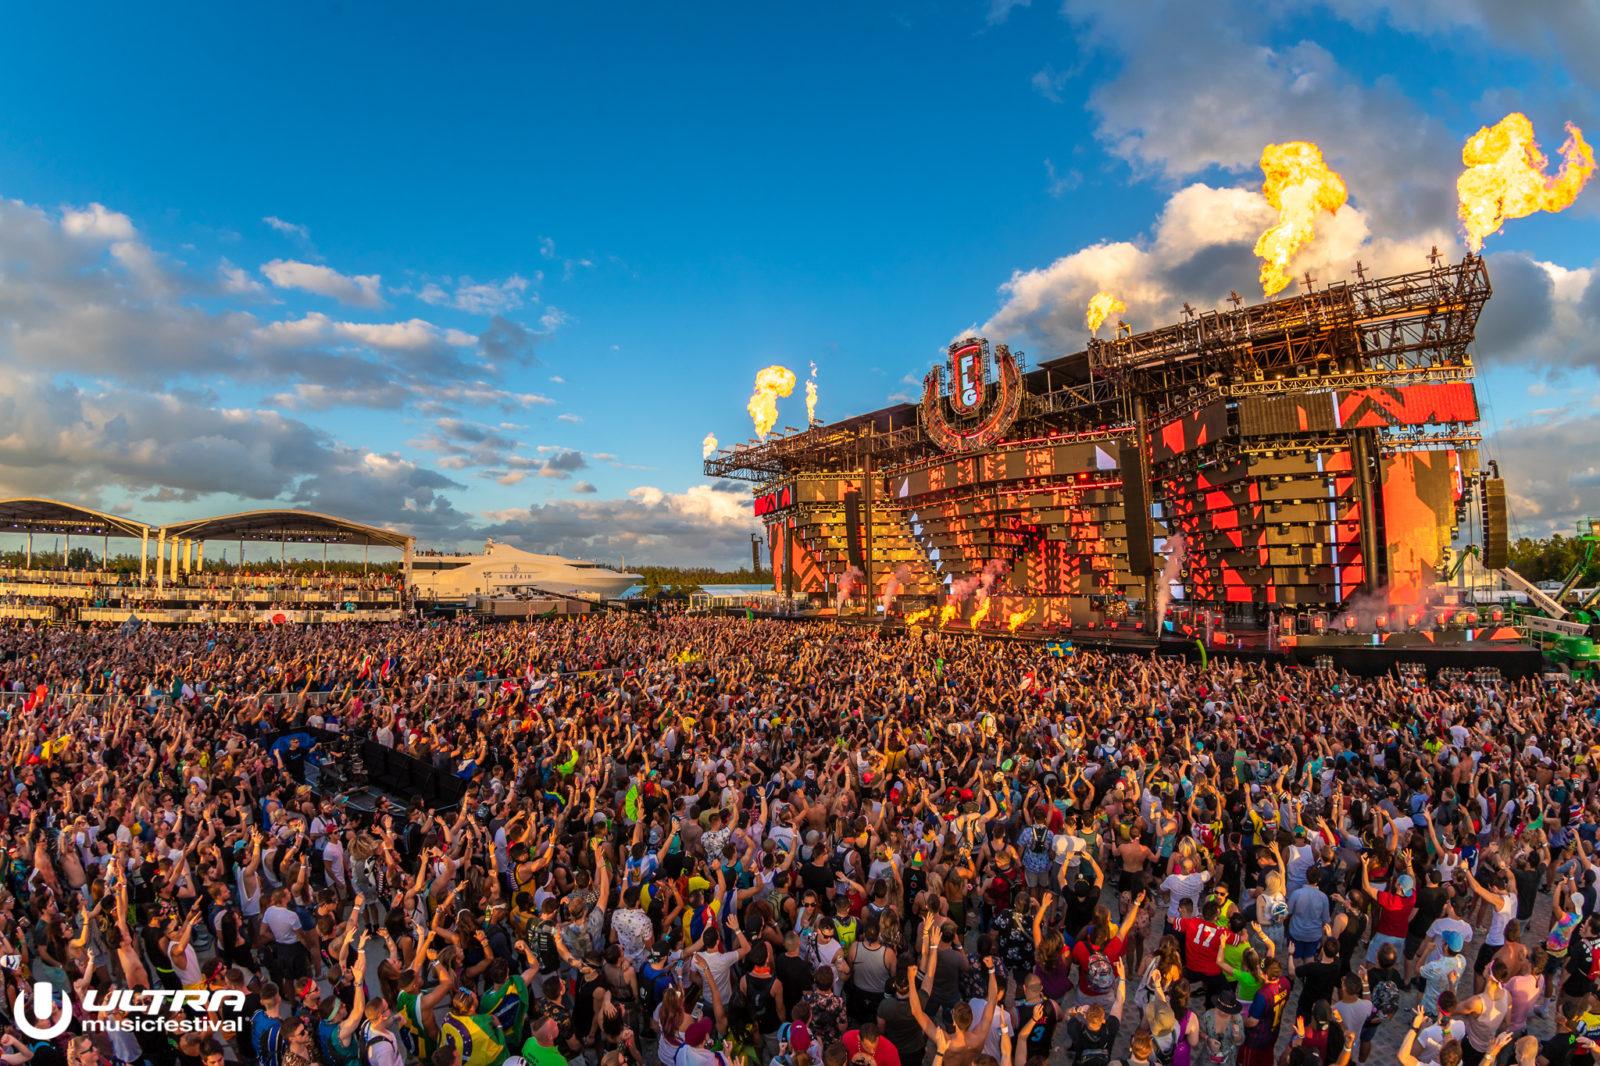 Se a primeira impressão é a que fica, o Ultra Music Festival não cumpriu a missão esse ano!